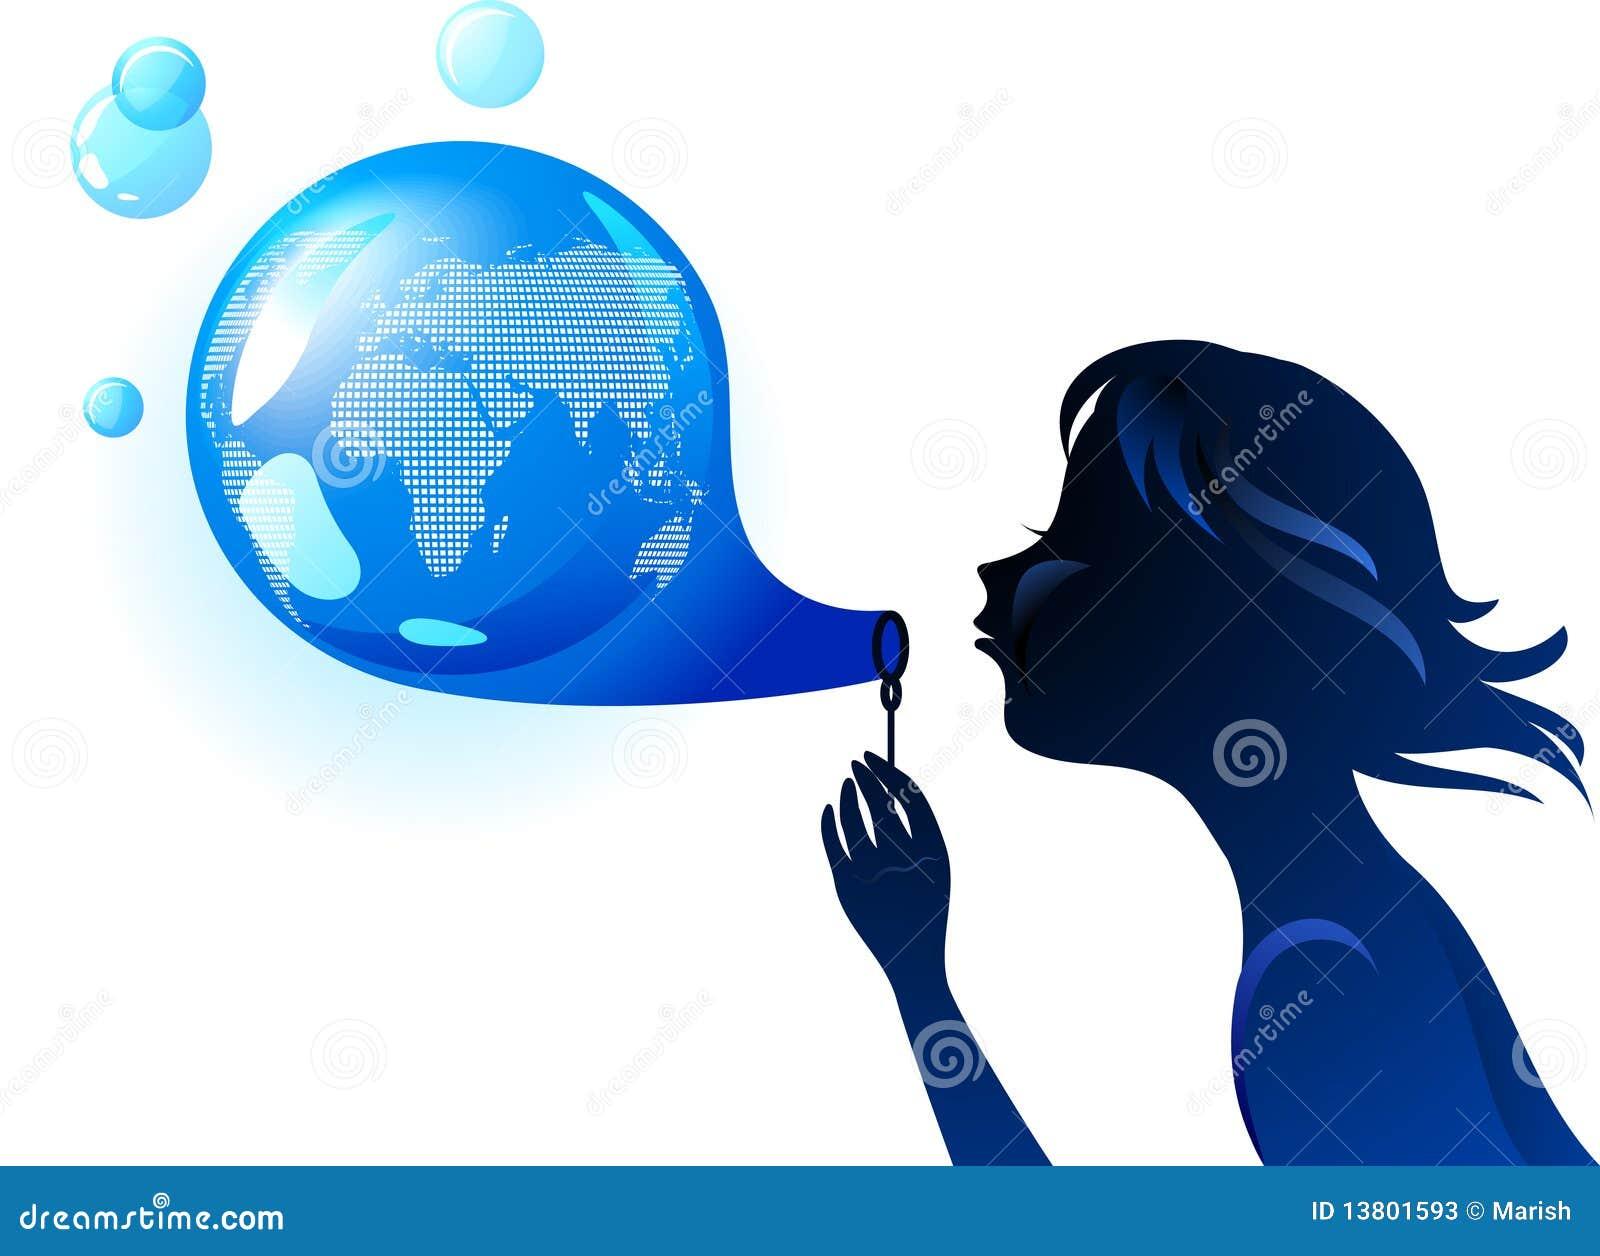 Earth bubble eco concept